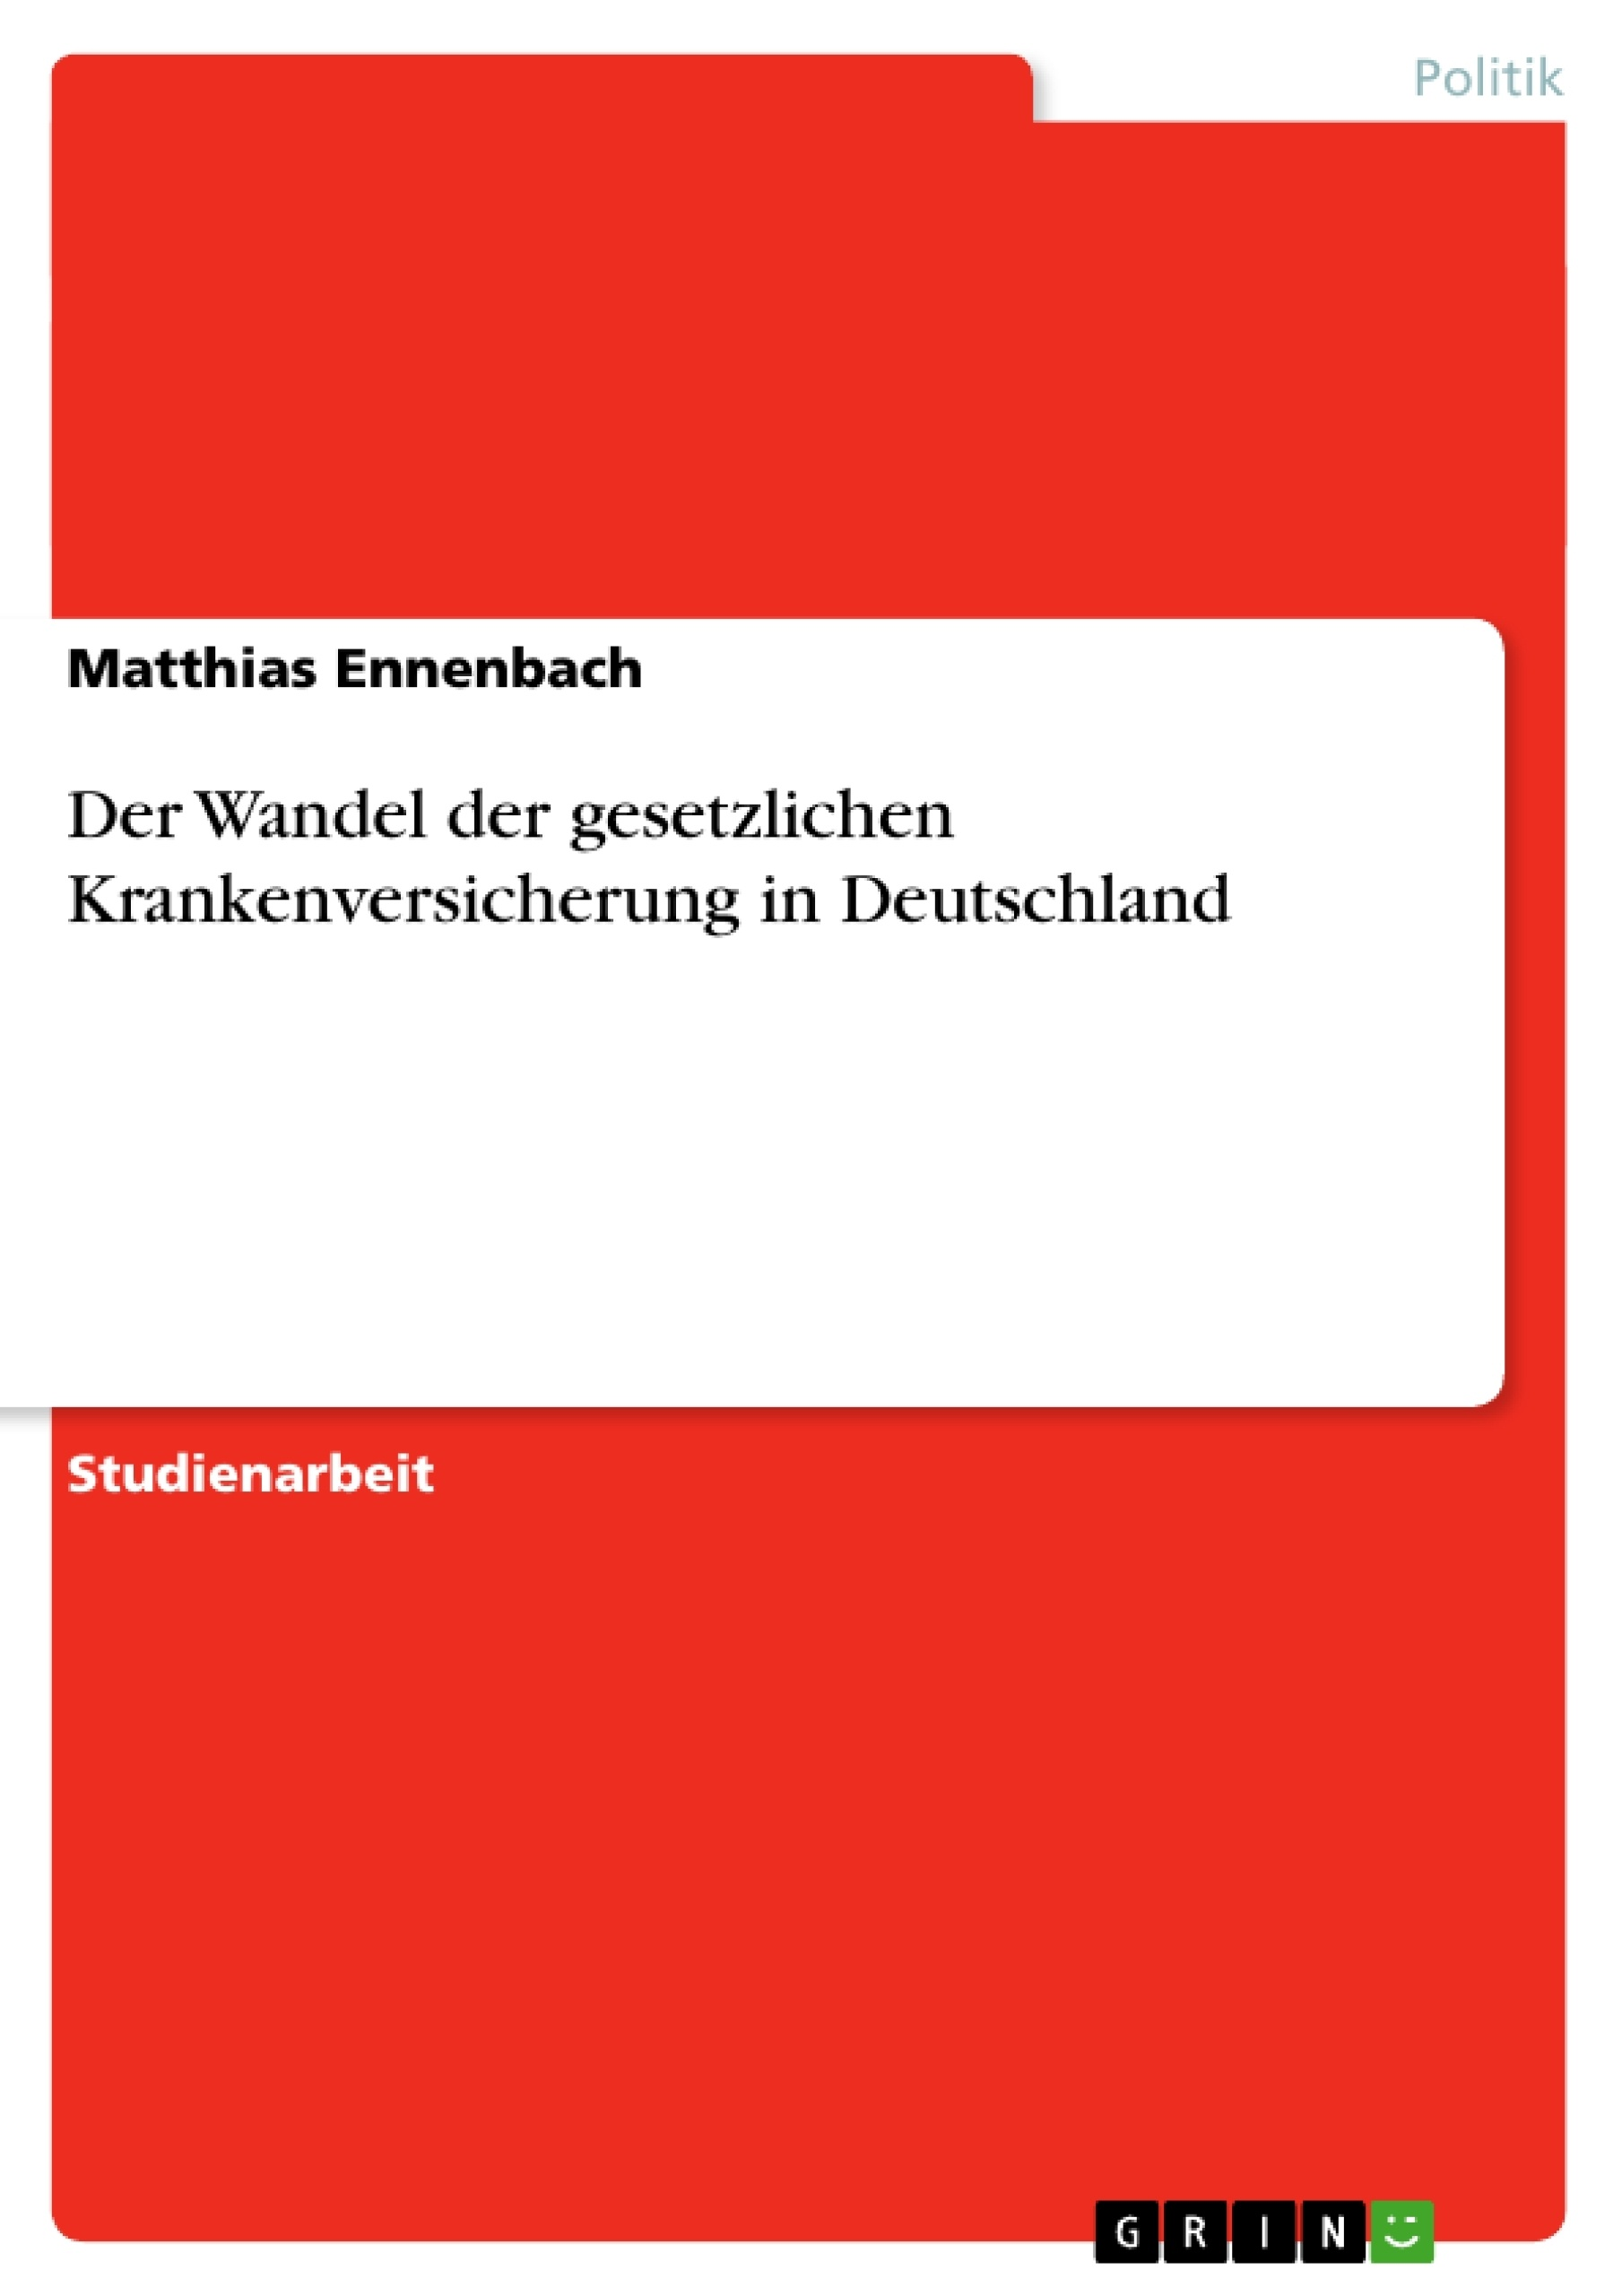 Titel: Der Wandel der gesetzlichen Krankenversicherung in Deutschland